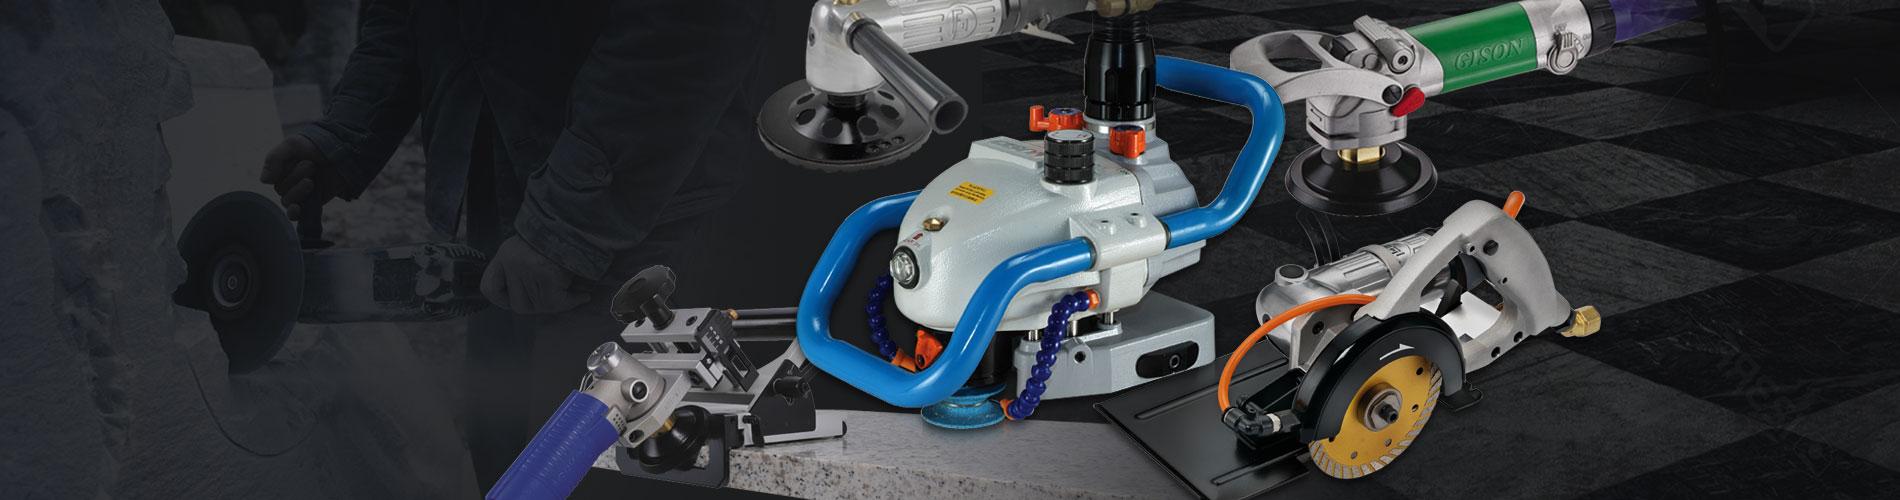 Wet Air Tools များပြုလုပ်နိုင်သည် ကျောက် / ကျောက် / မာဘယ်လ်